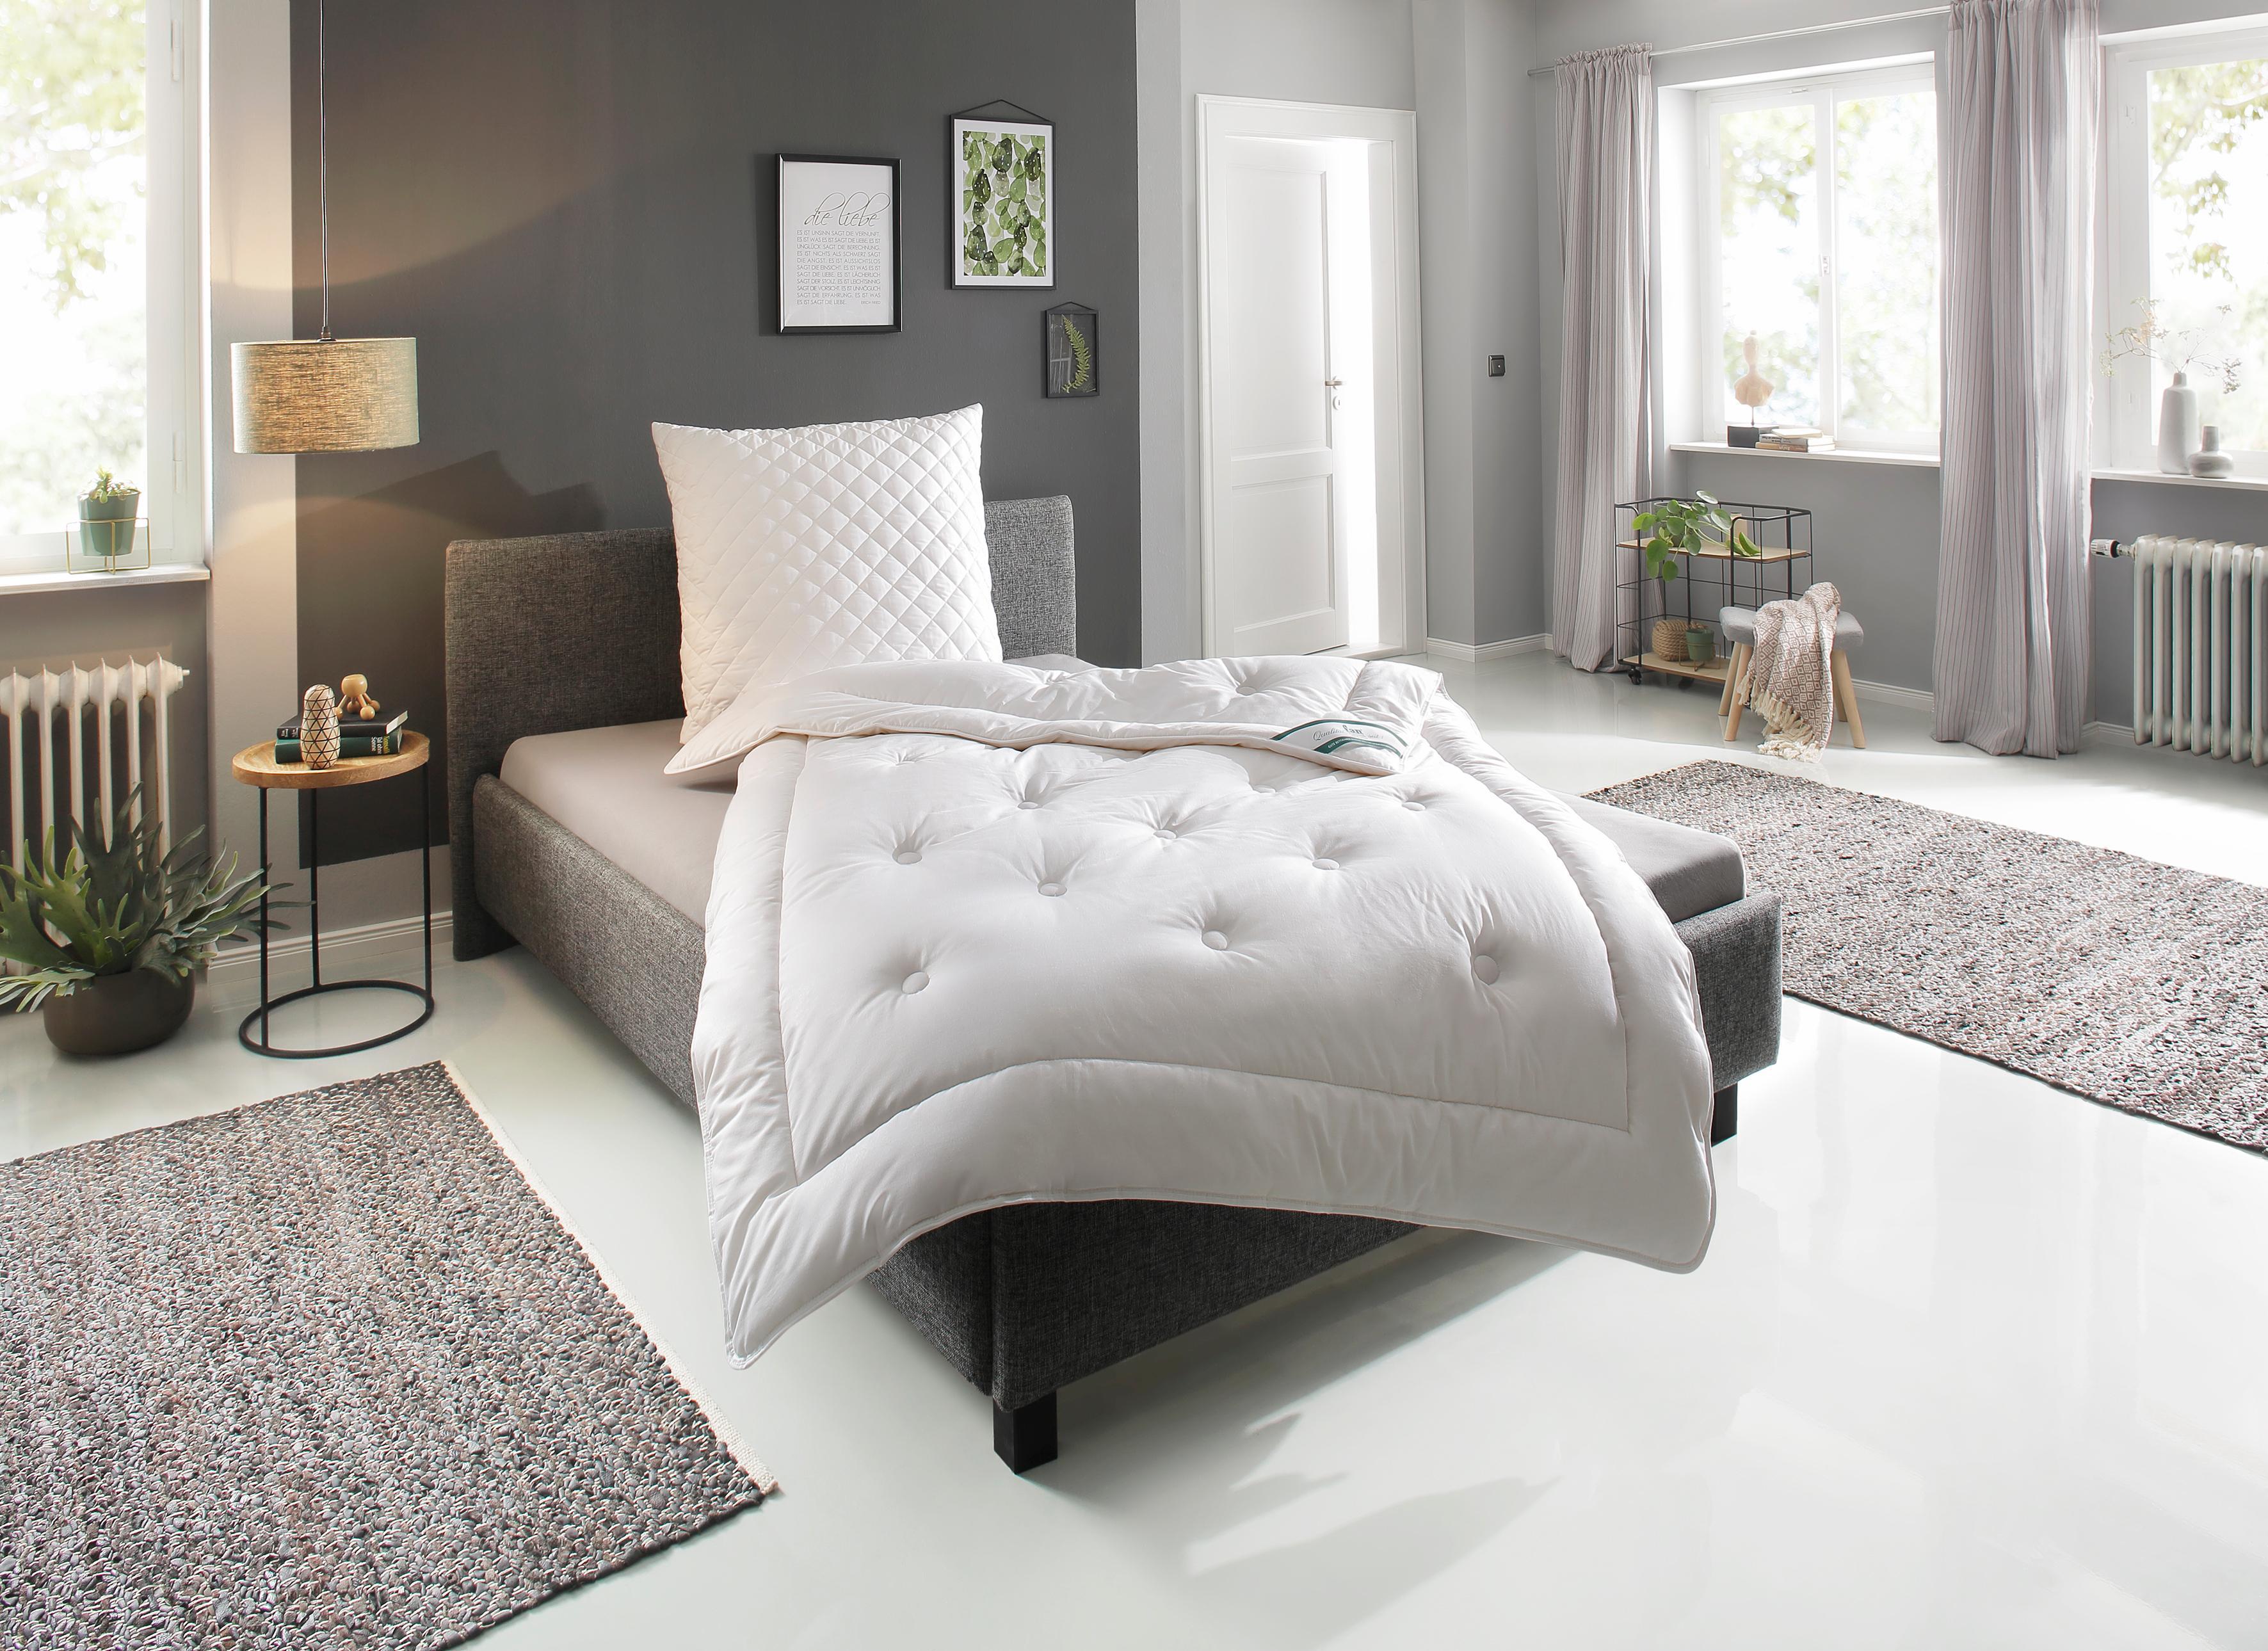 Heimtextilien online kaufen Möbel Suchmaschine